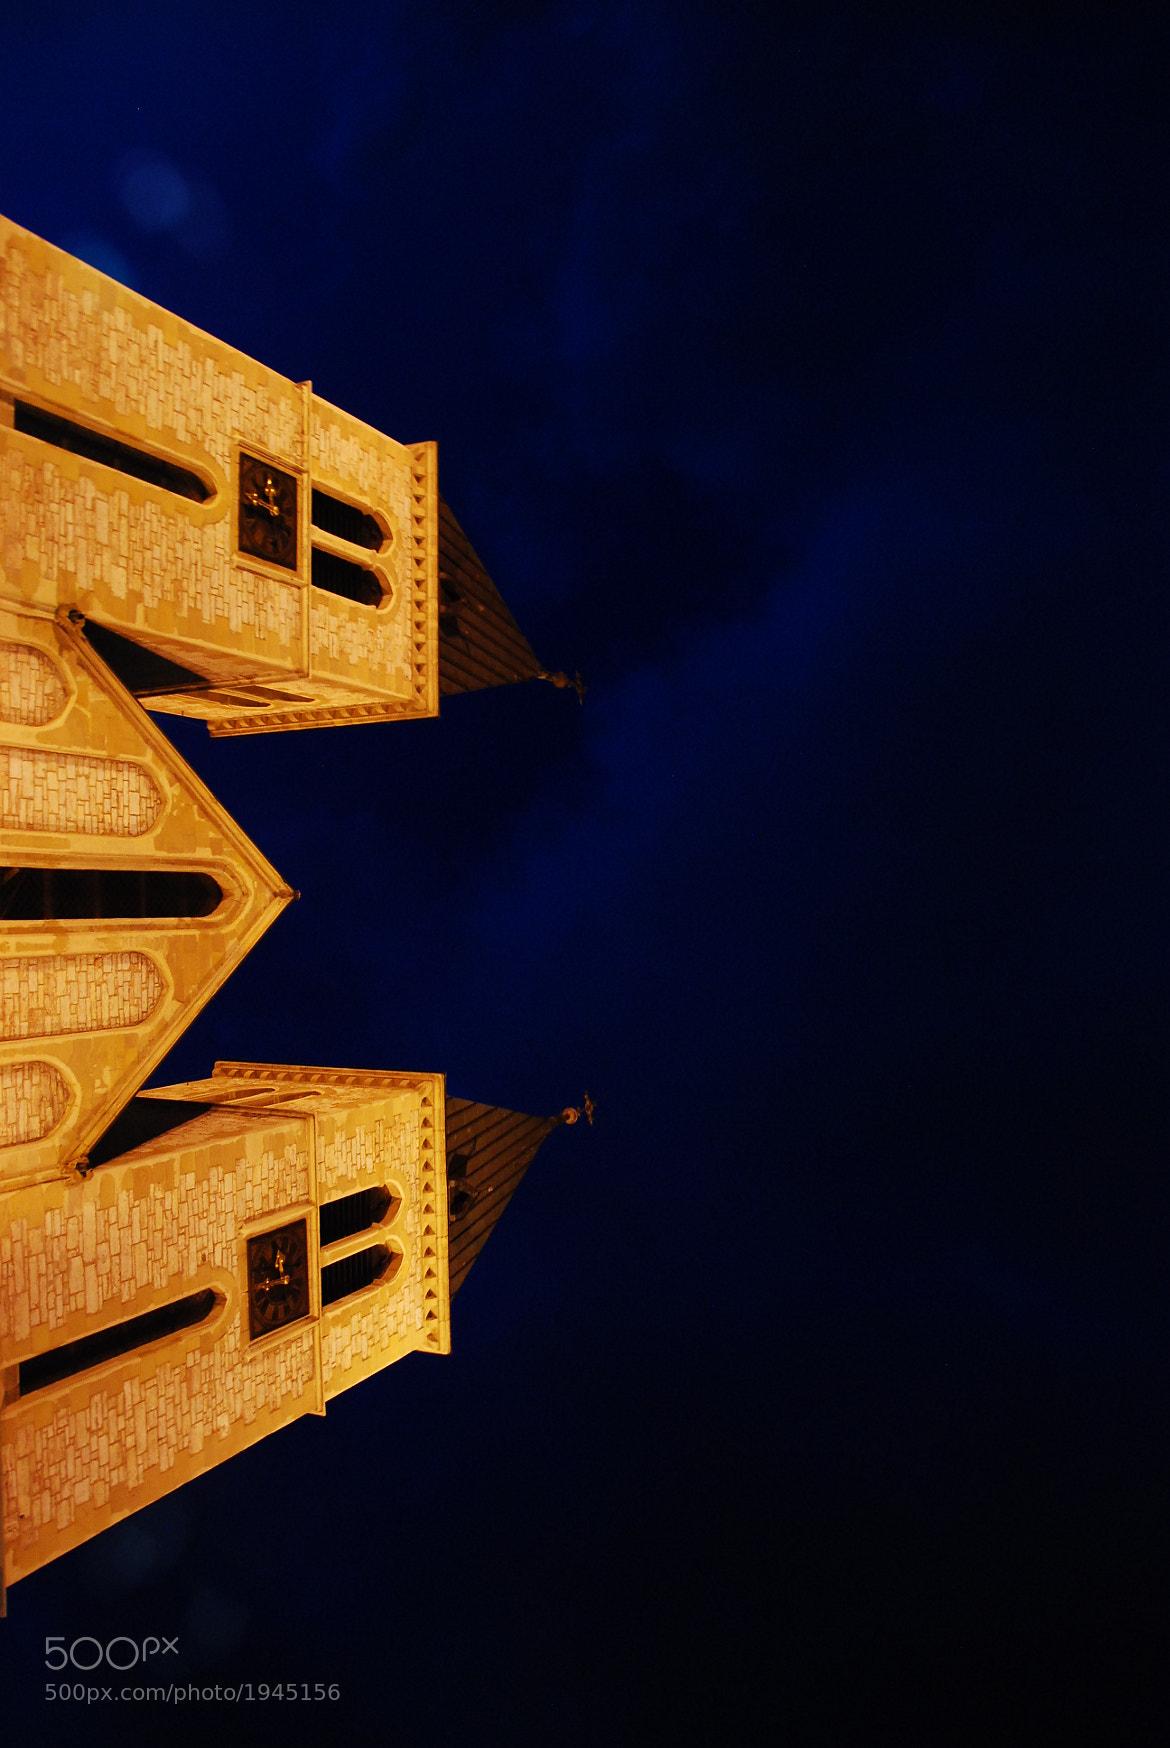 Photograph Towards the Sky by Johan Dahlberg on 500px